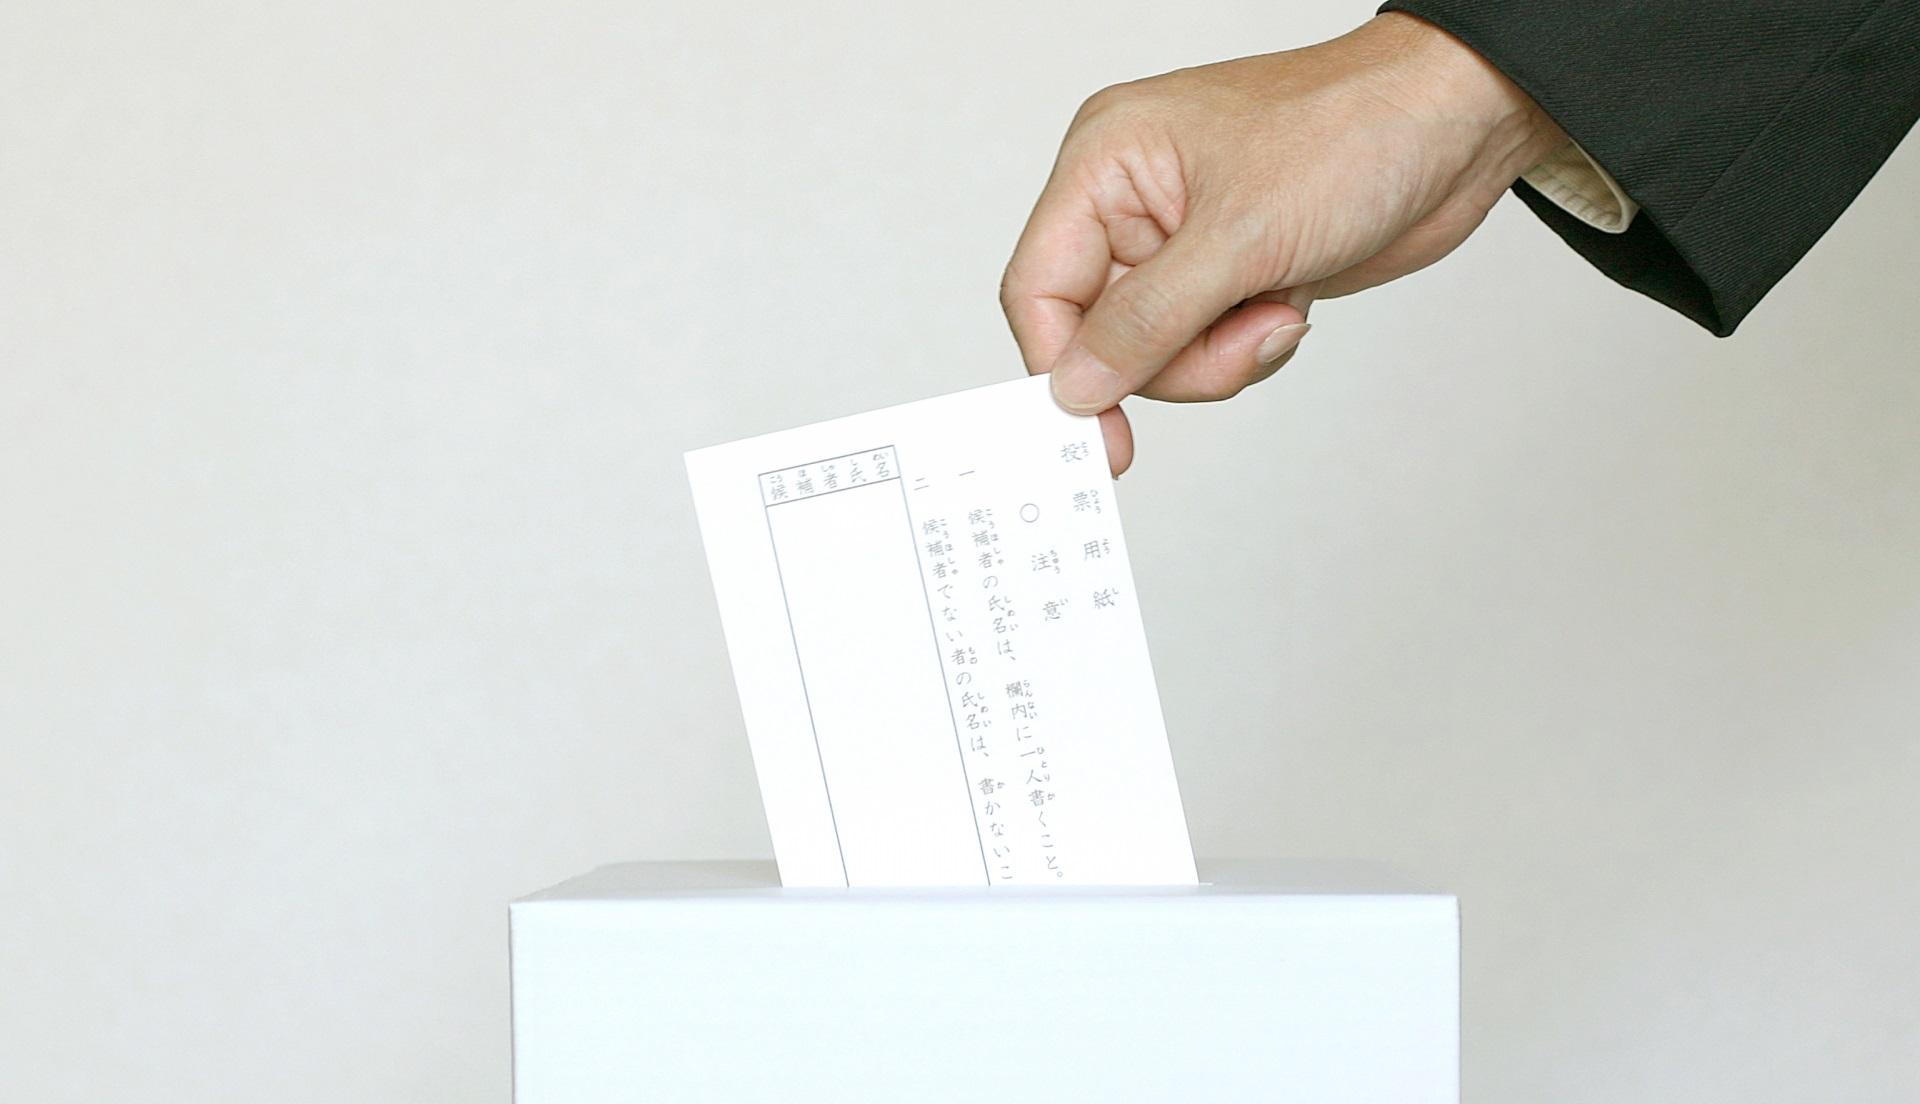 投票をする人